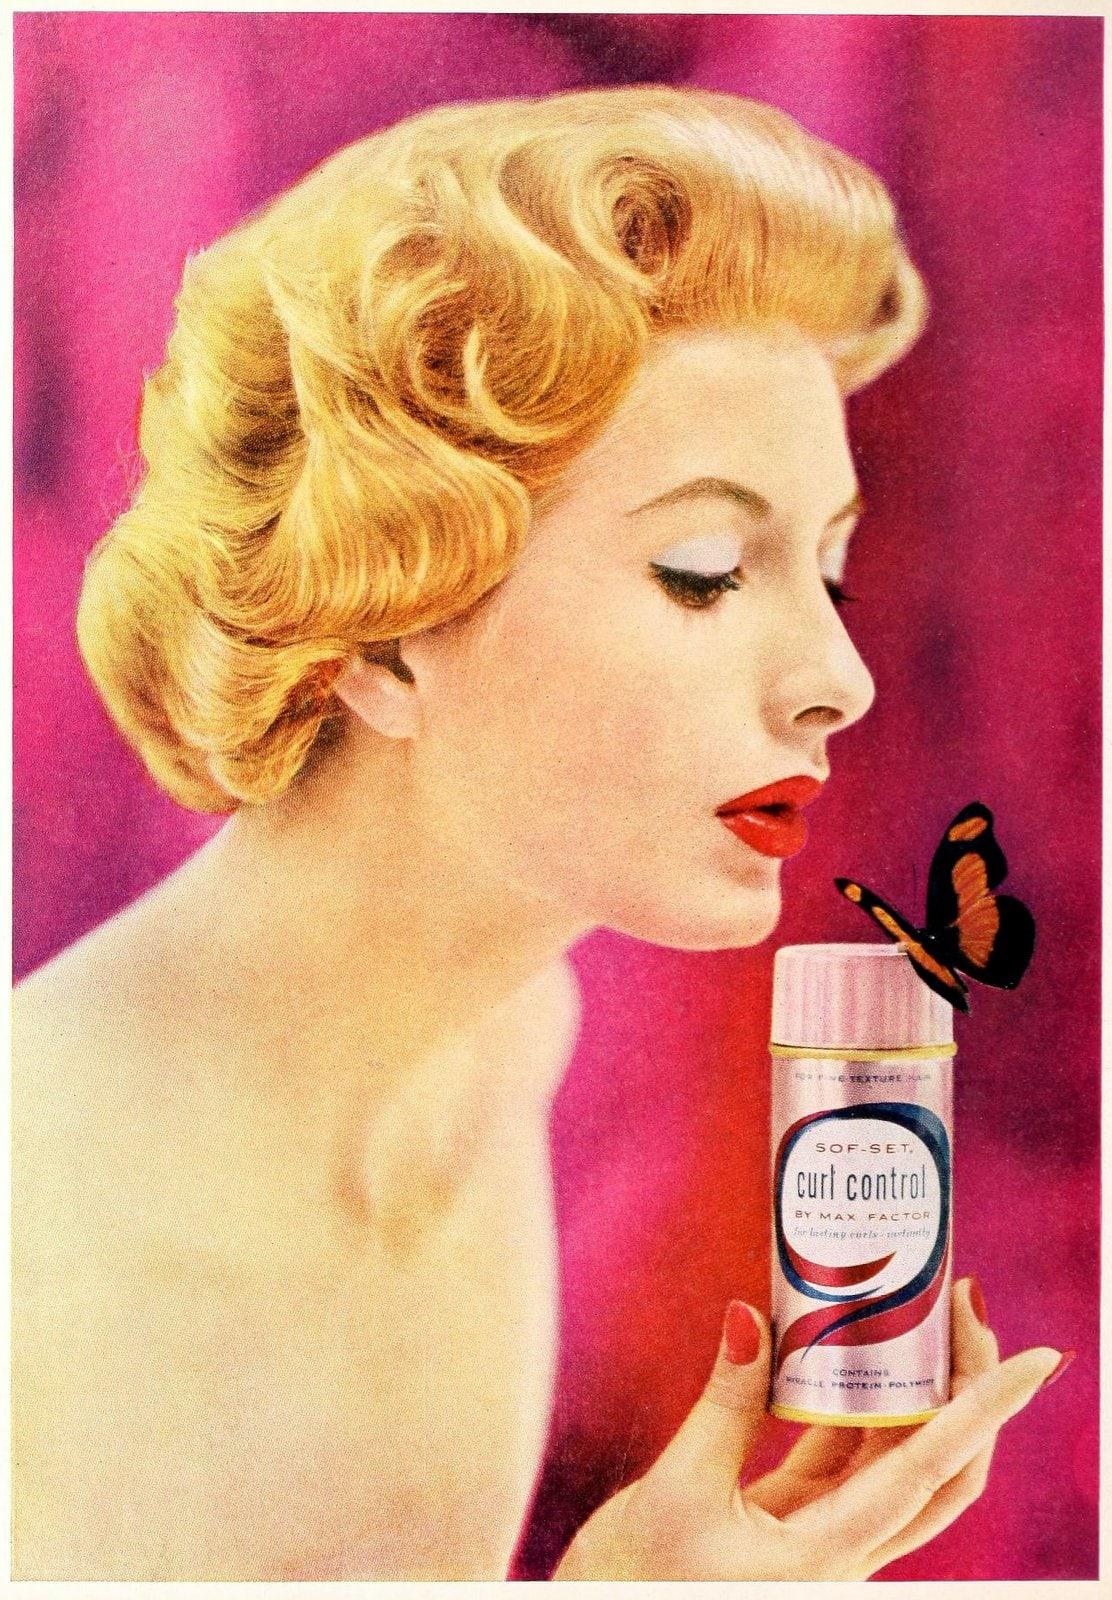 Vintage Max Factor Curl Control hairspray - 1957 (1)